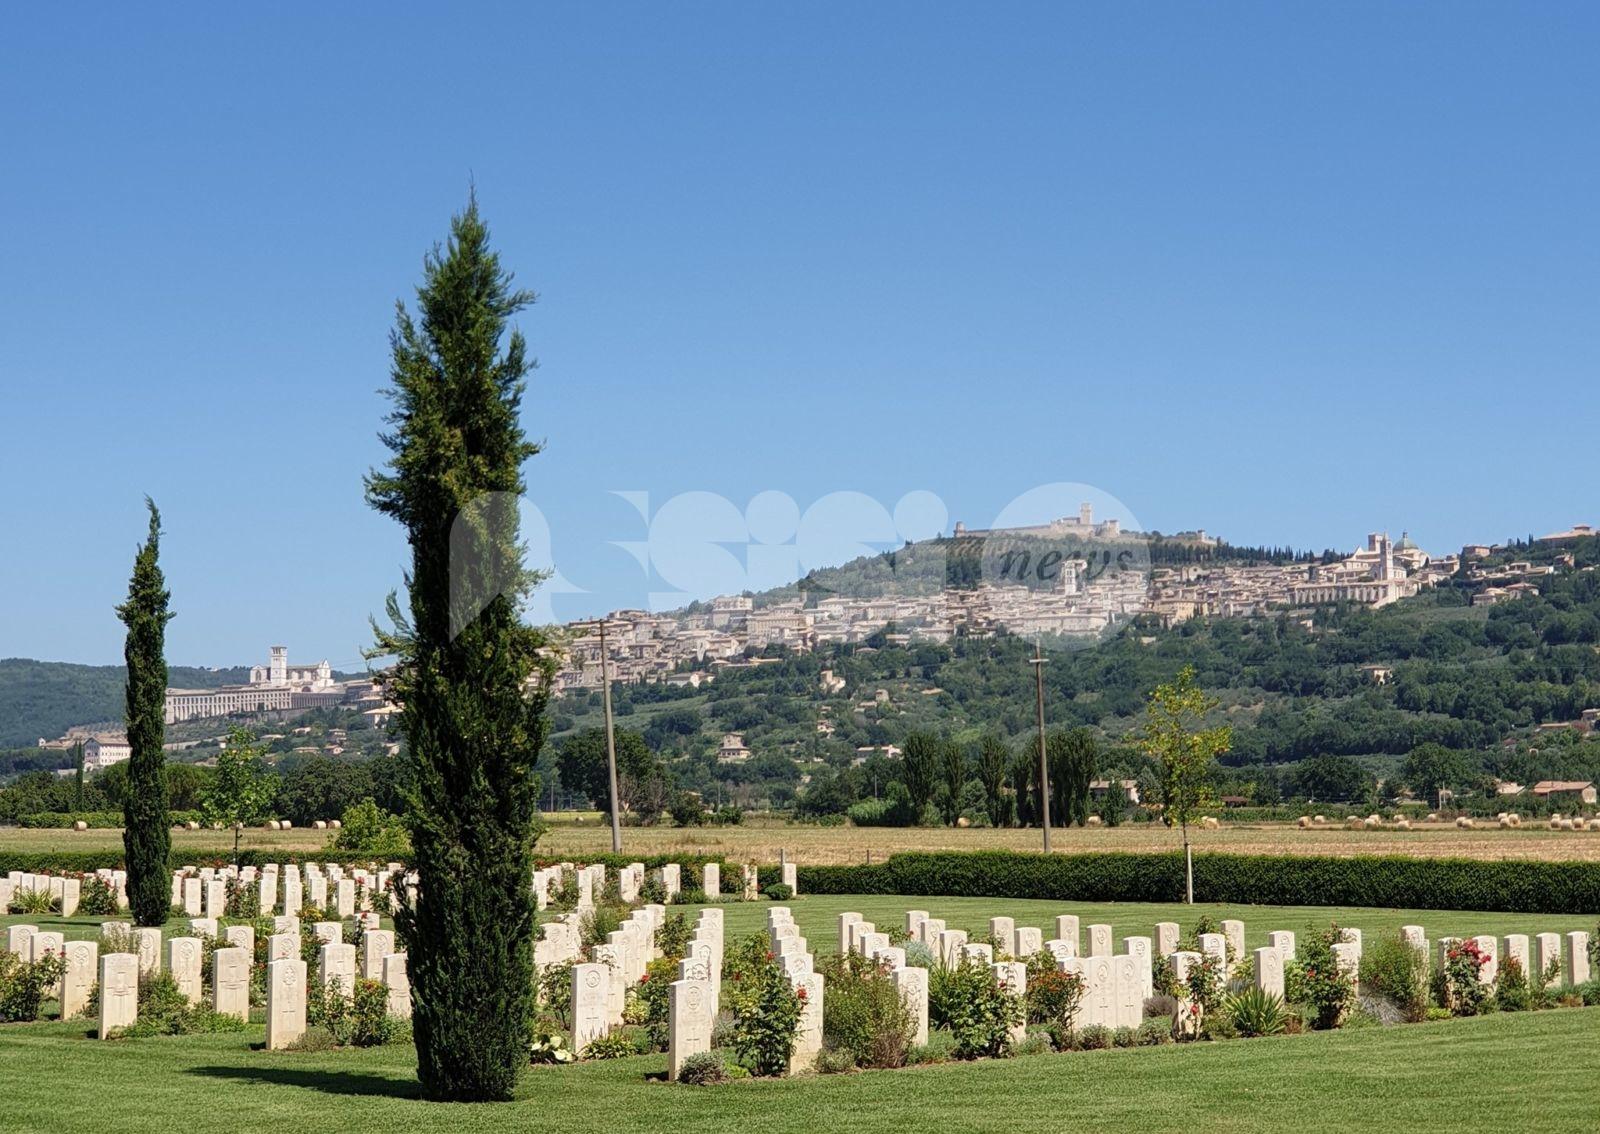 Liberazione 2021, Assisi festeggia il 77' anniversario: il programma